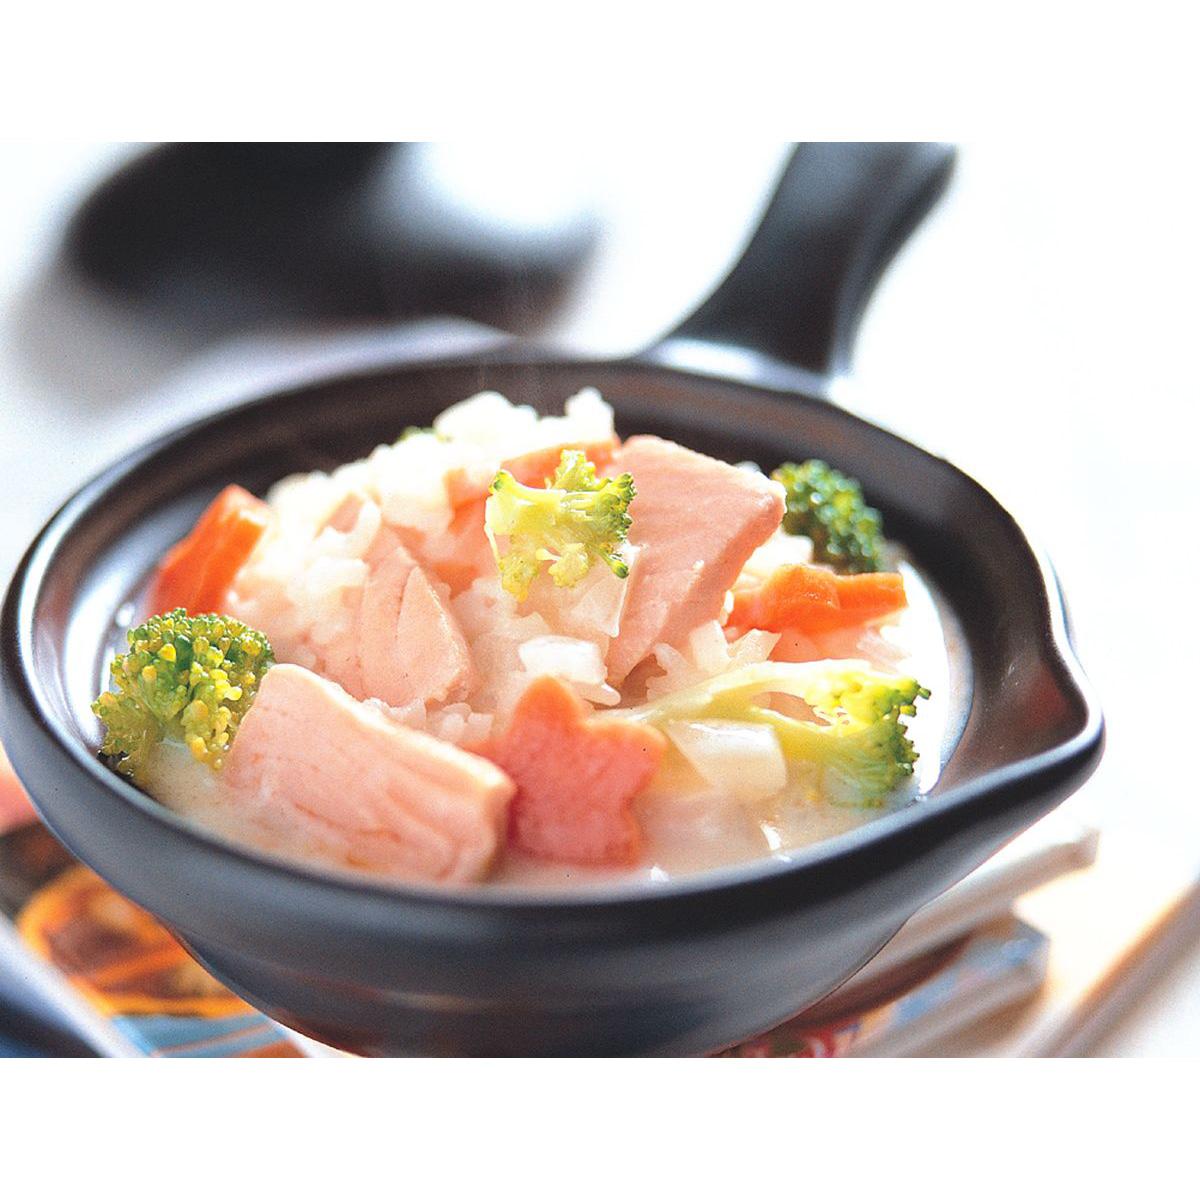 食譜:鮮奶鮭魚燉飯